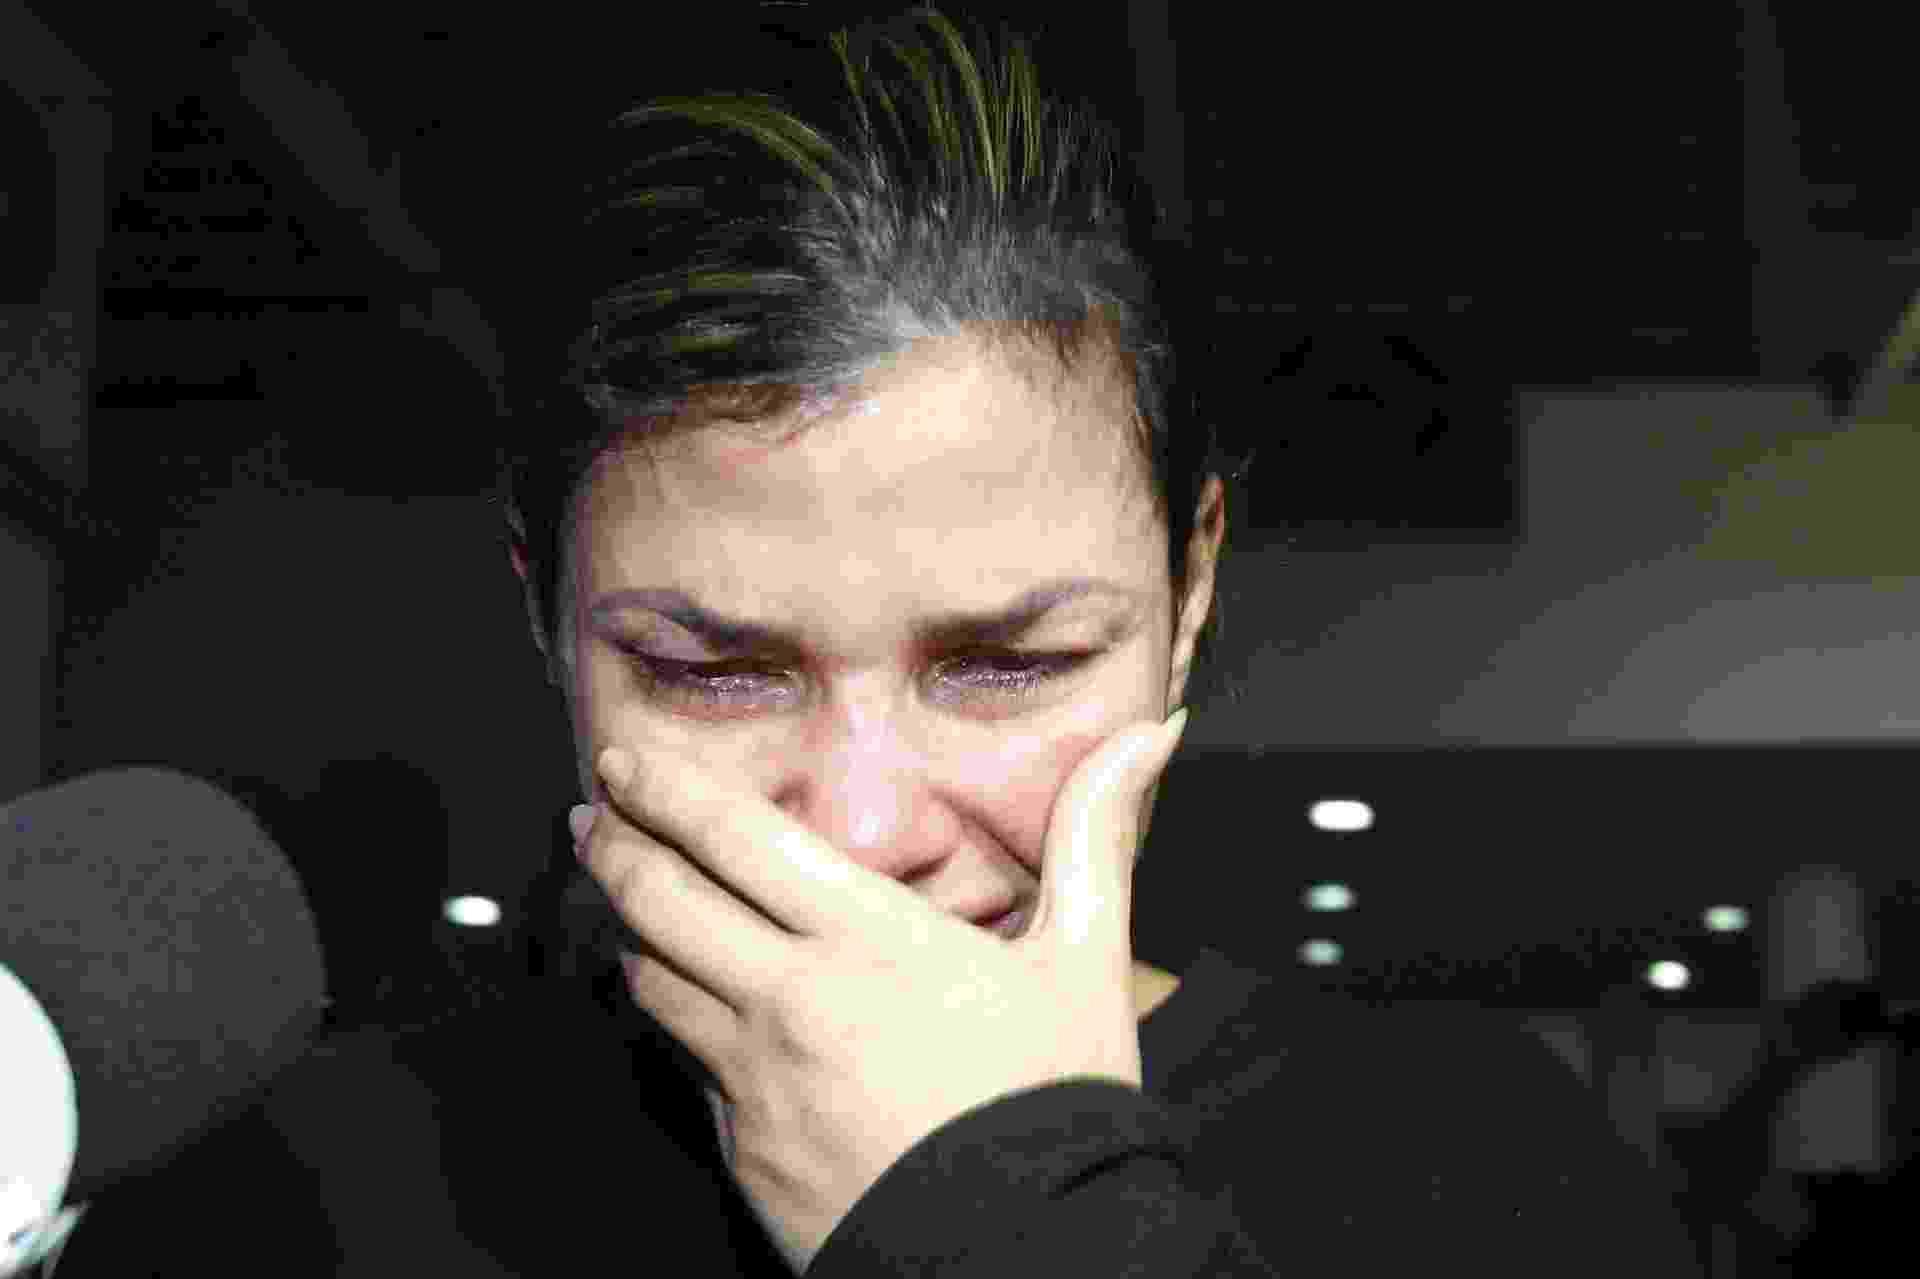 10.out.2017 - Danúbia Rangel, mulher do traficante Antônio Bonfim Lopes, o Nem da Rocinha, foi presa nesta terça-feira (10) na Ilha do Governador, Zona Norte do Rio. A prisão foi feita por agentes da 39ª DP (Pavuna) e 52ª DP (Nova Iguaçu). Ela foi levada no fim de tarde para a Cidade da Polícia, também na Zona Norte do Rio - ALEXANDRE BRUM/AGÊNCIA O DIA/AGÊNCIA O DIA/ESTADÃO CONTEÚDO